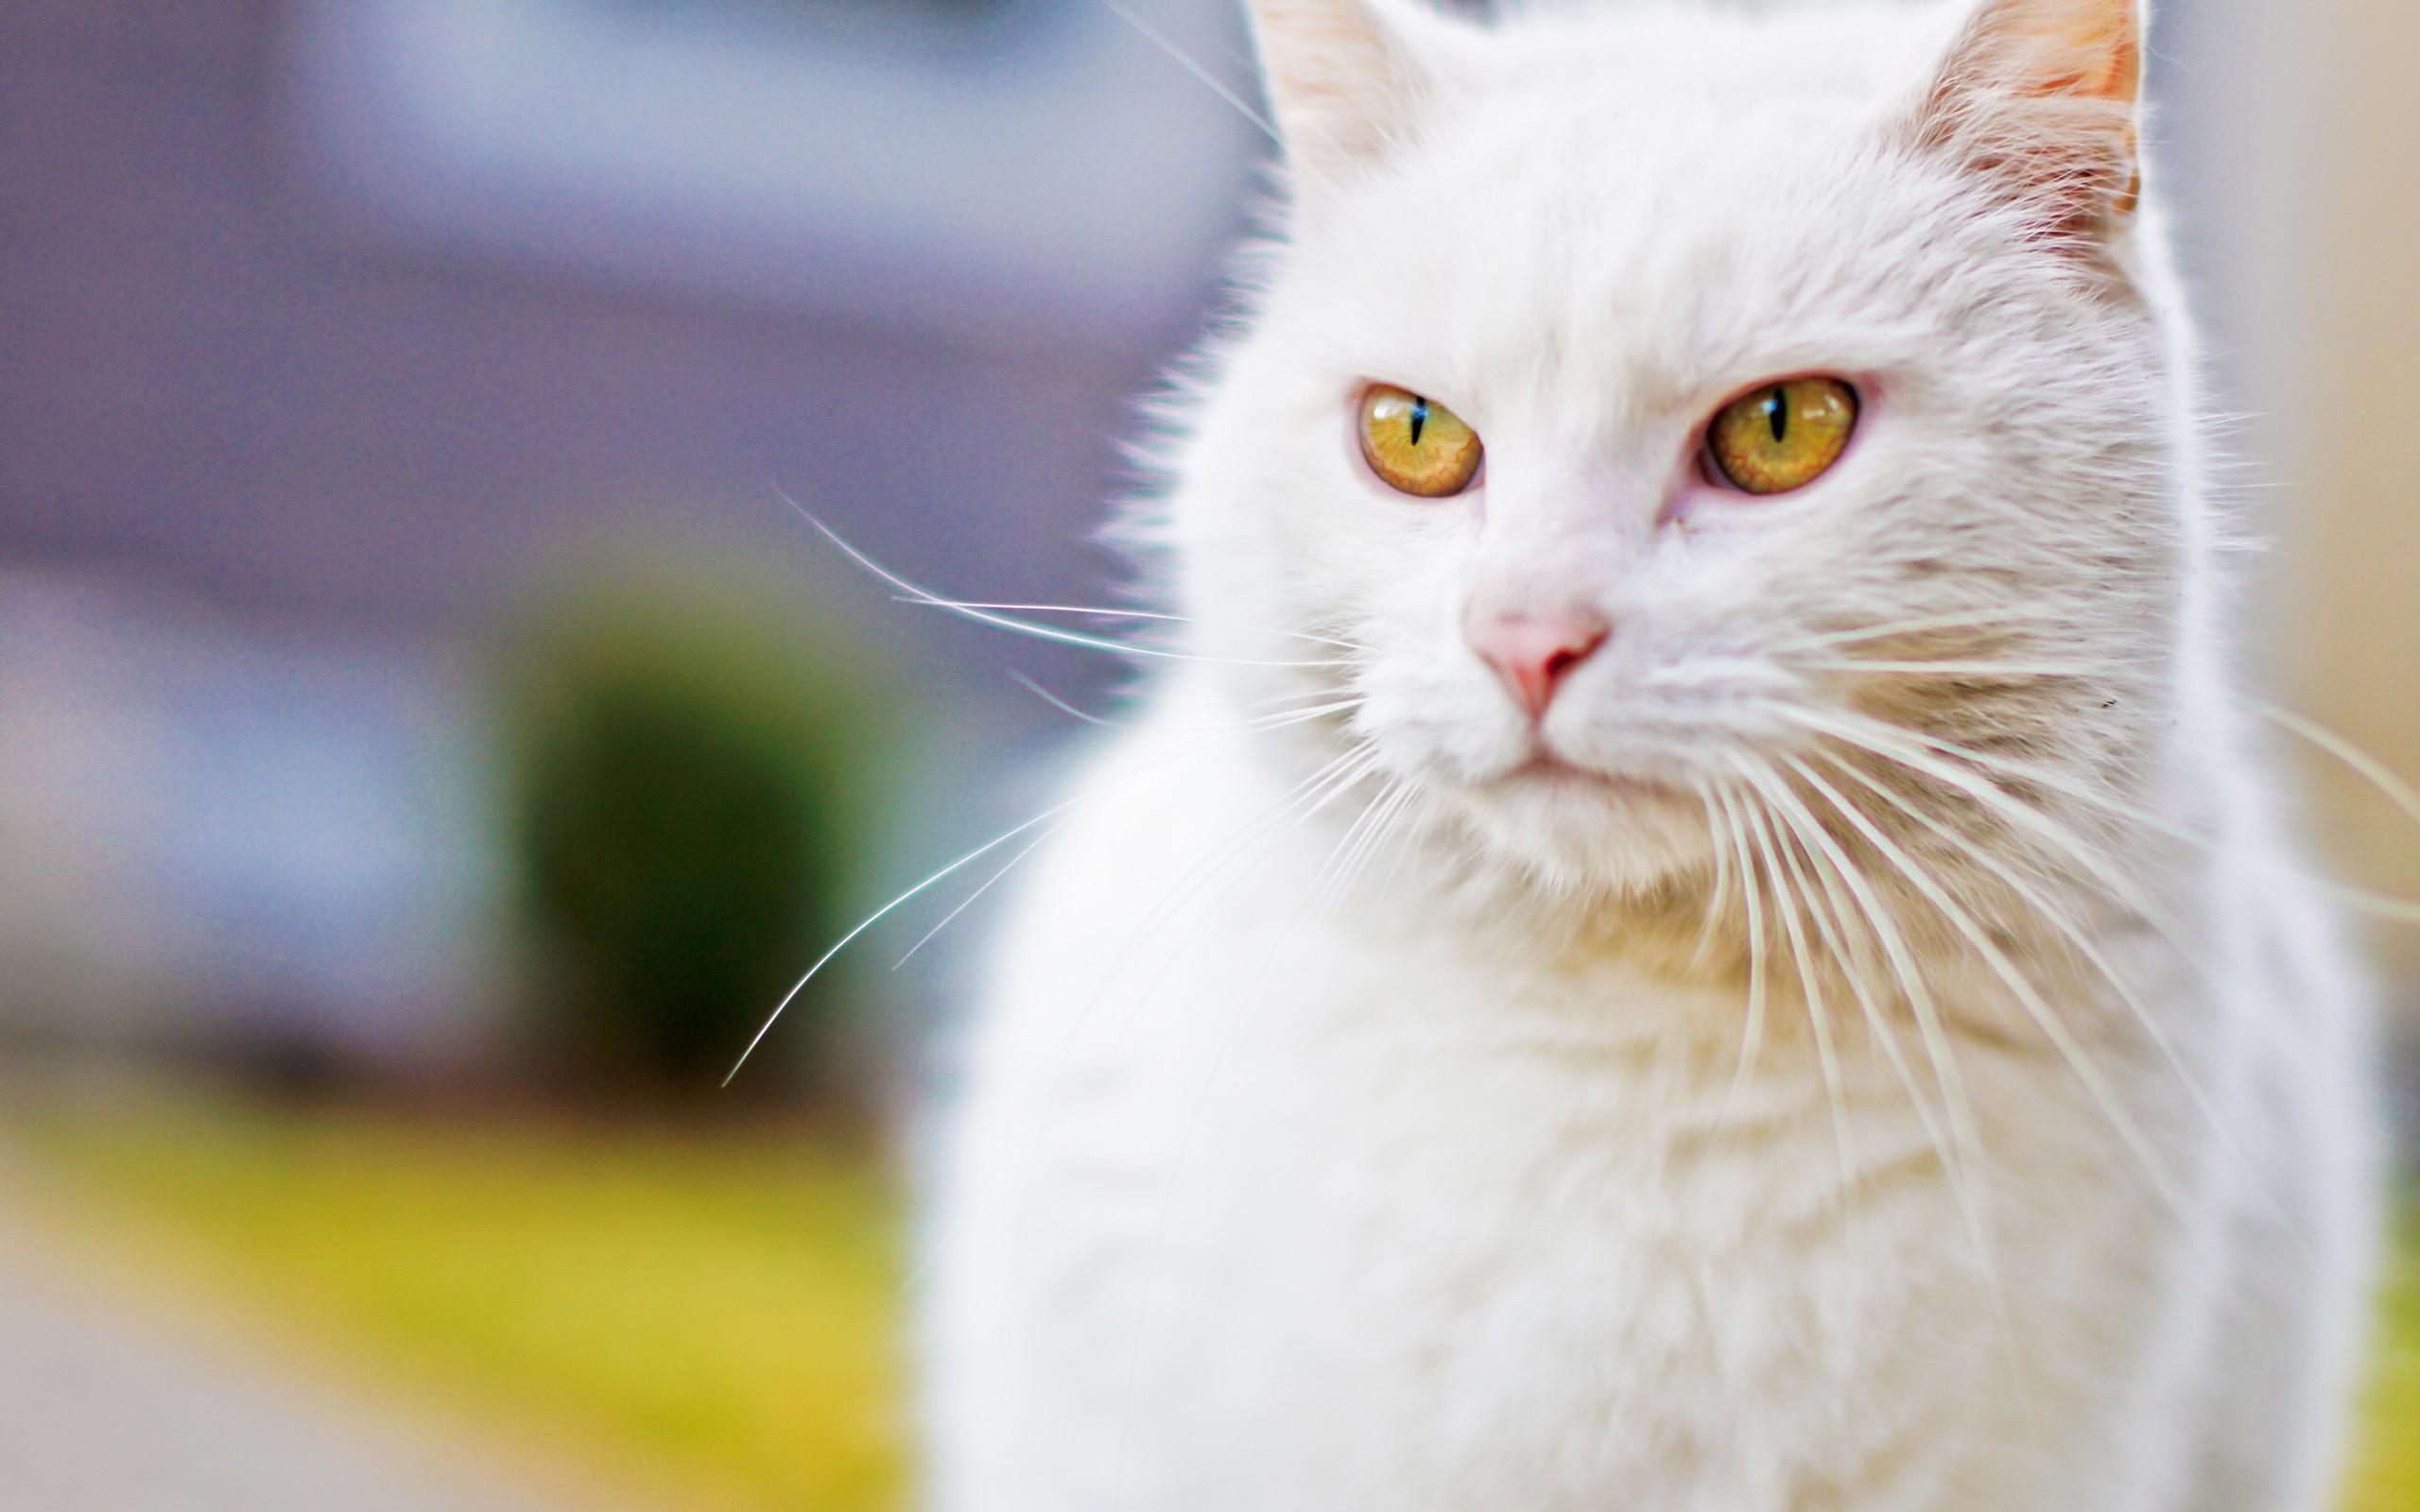 картинки белых котов с желтыми глазами парня время